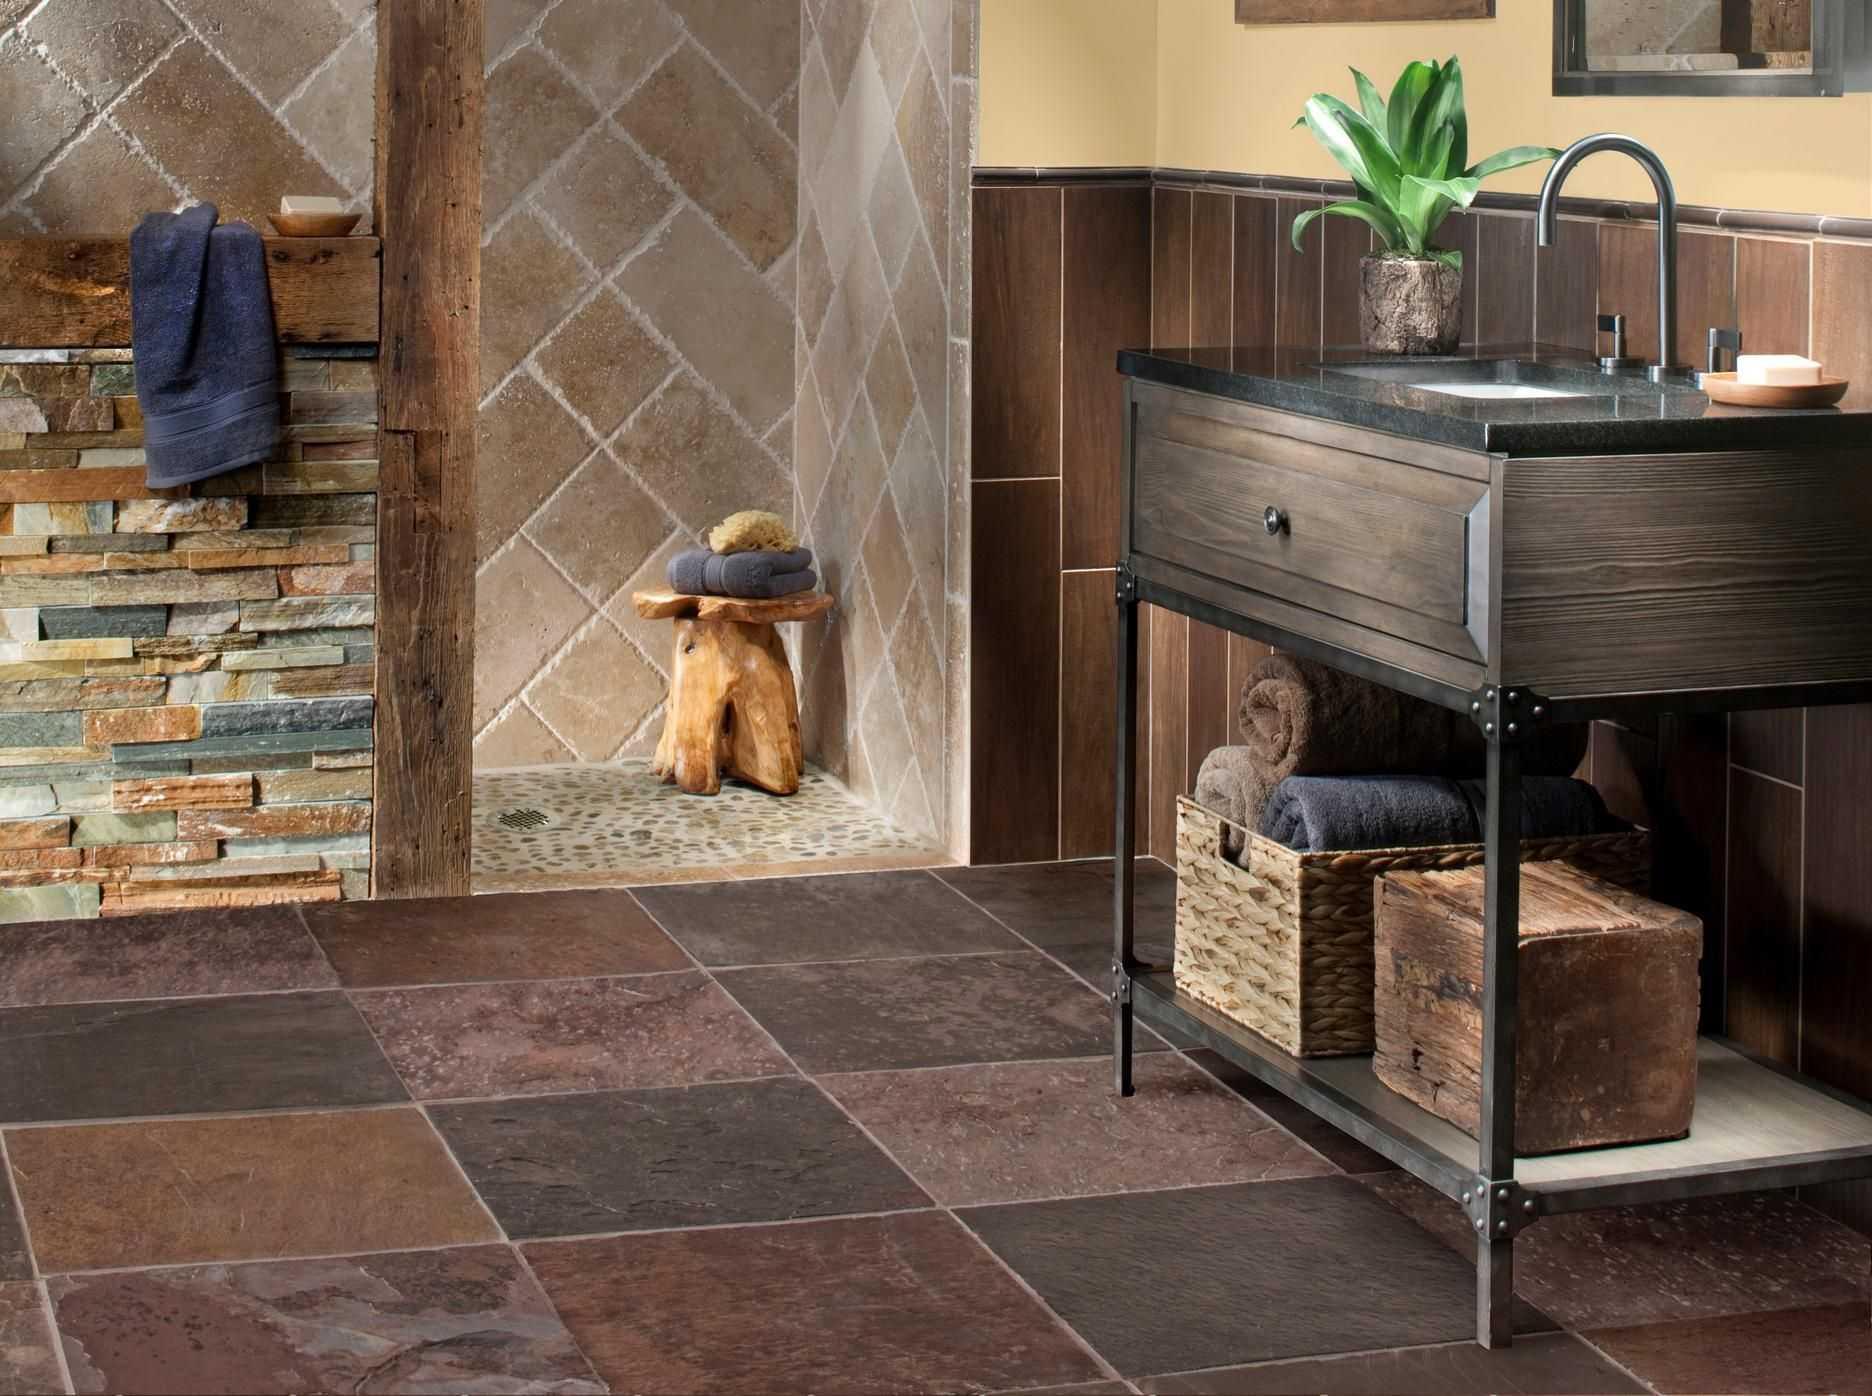 Отделка ванной комнаты деревом: идеи дизайна. белая ванная с бетоном и деревом, серая ванная с камнем и деревом, другие варианты сочетания